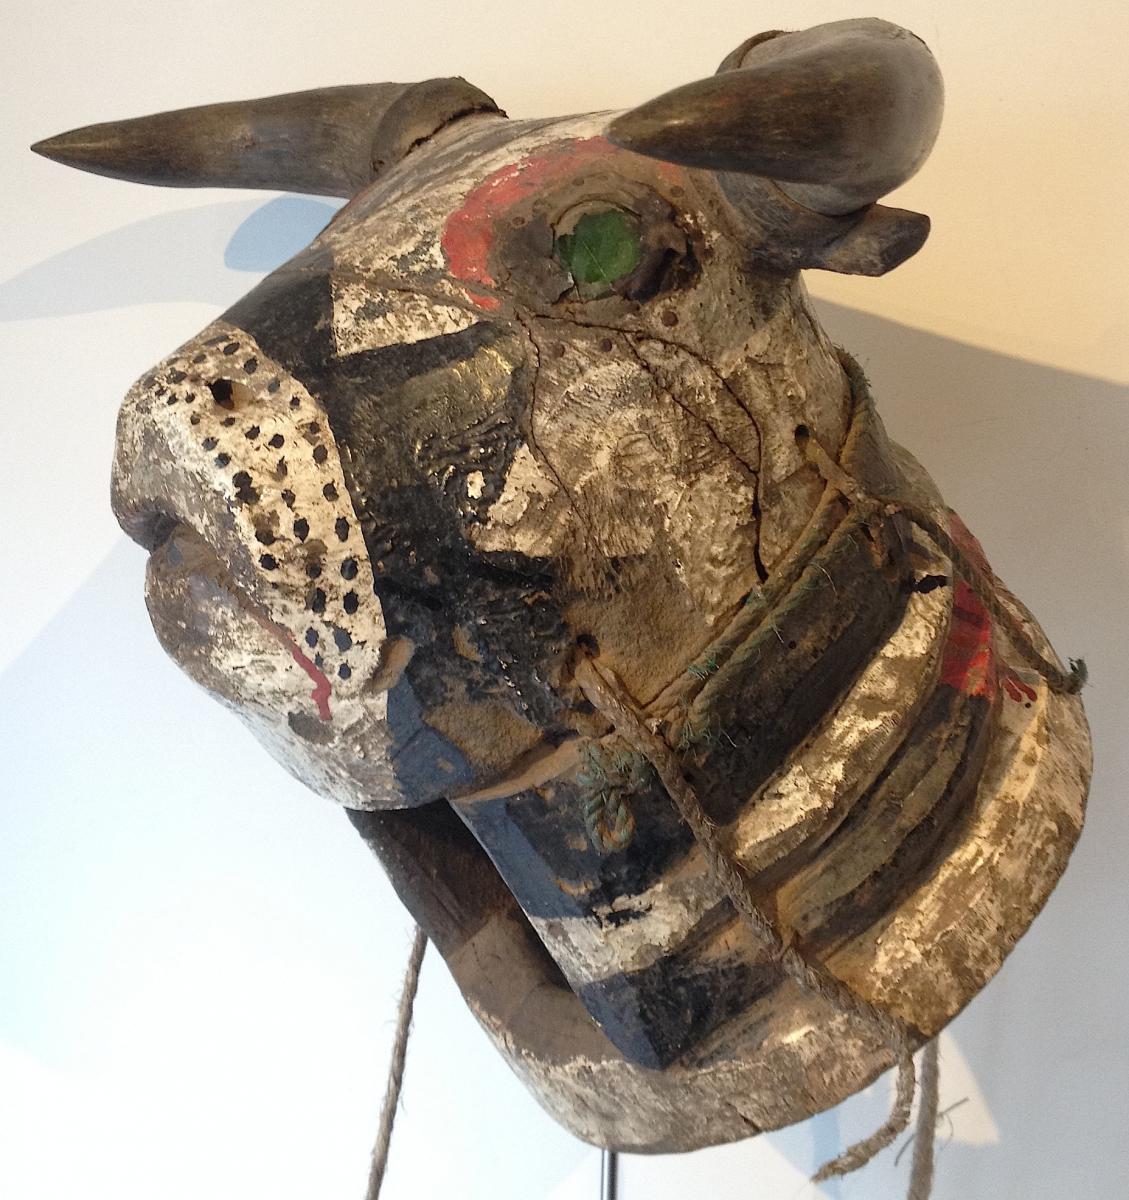 Masque Essenié Ou Vaca Bruto. Bijogo, Guinée Bissau. Milieu XXe Siècle.